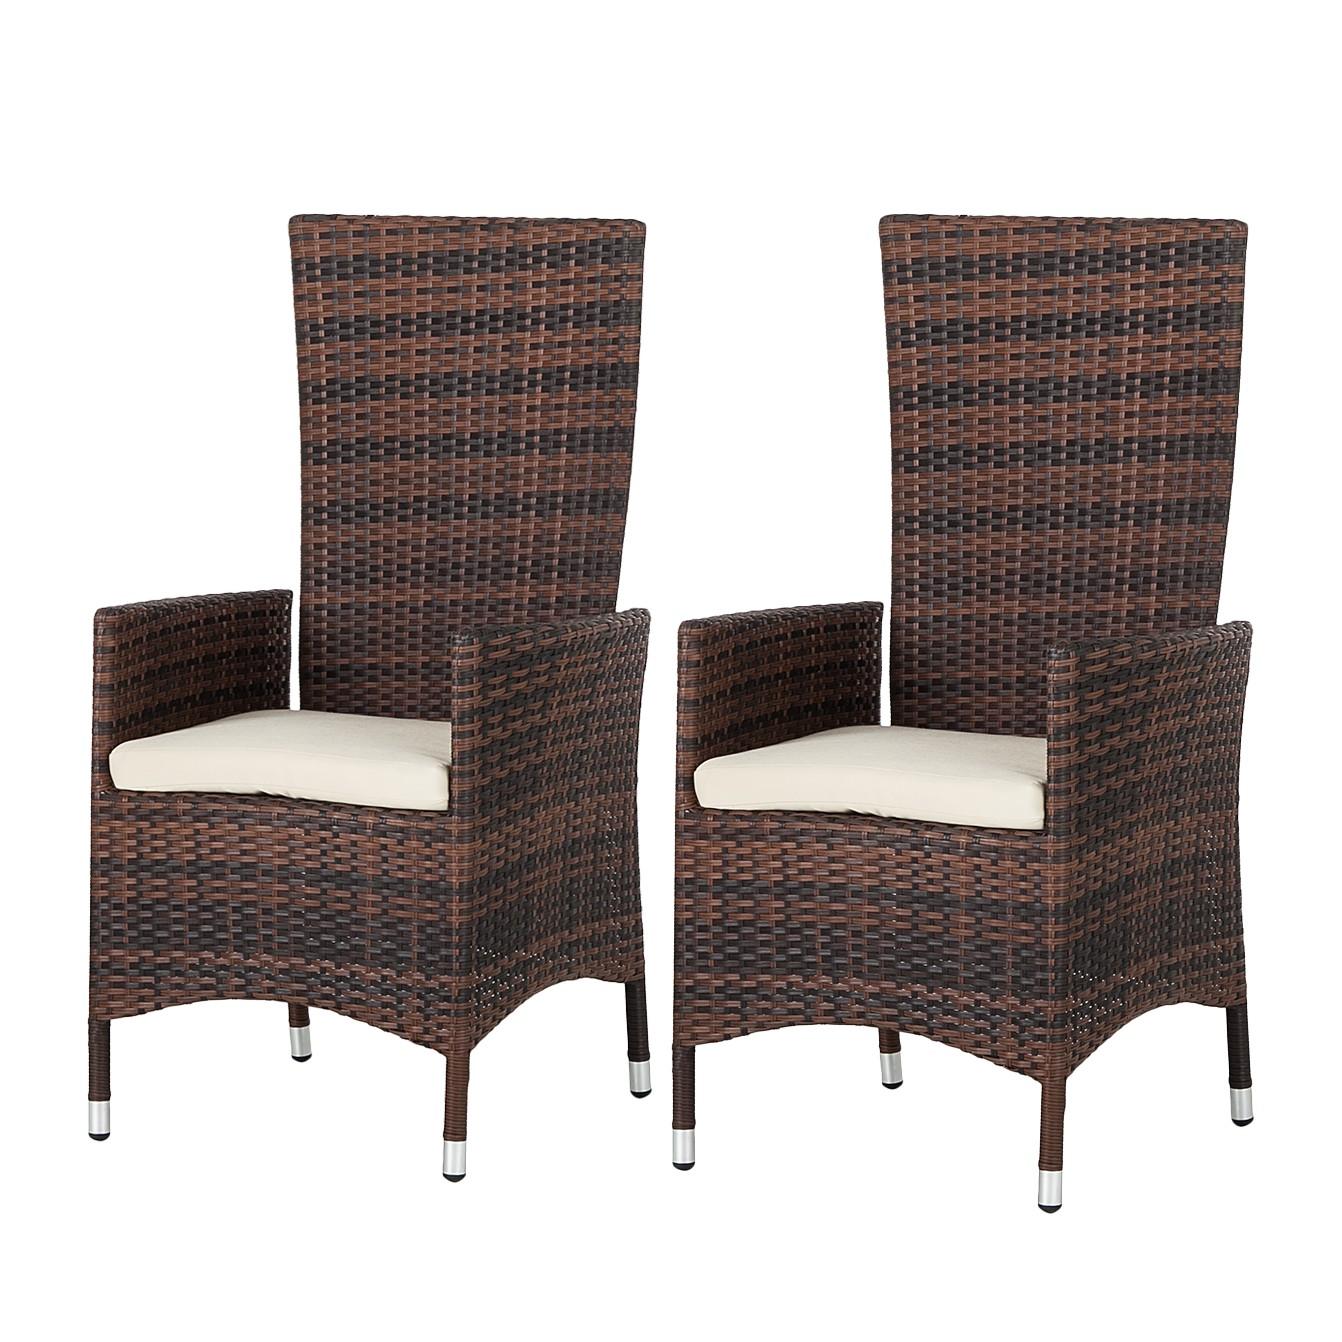 Chaise de jardin Paradise Lounge